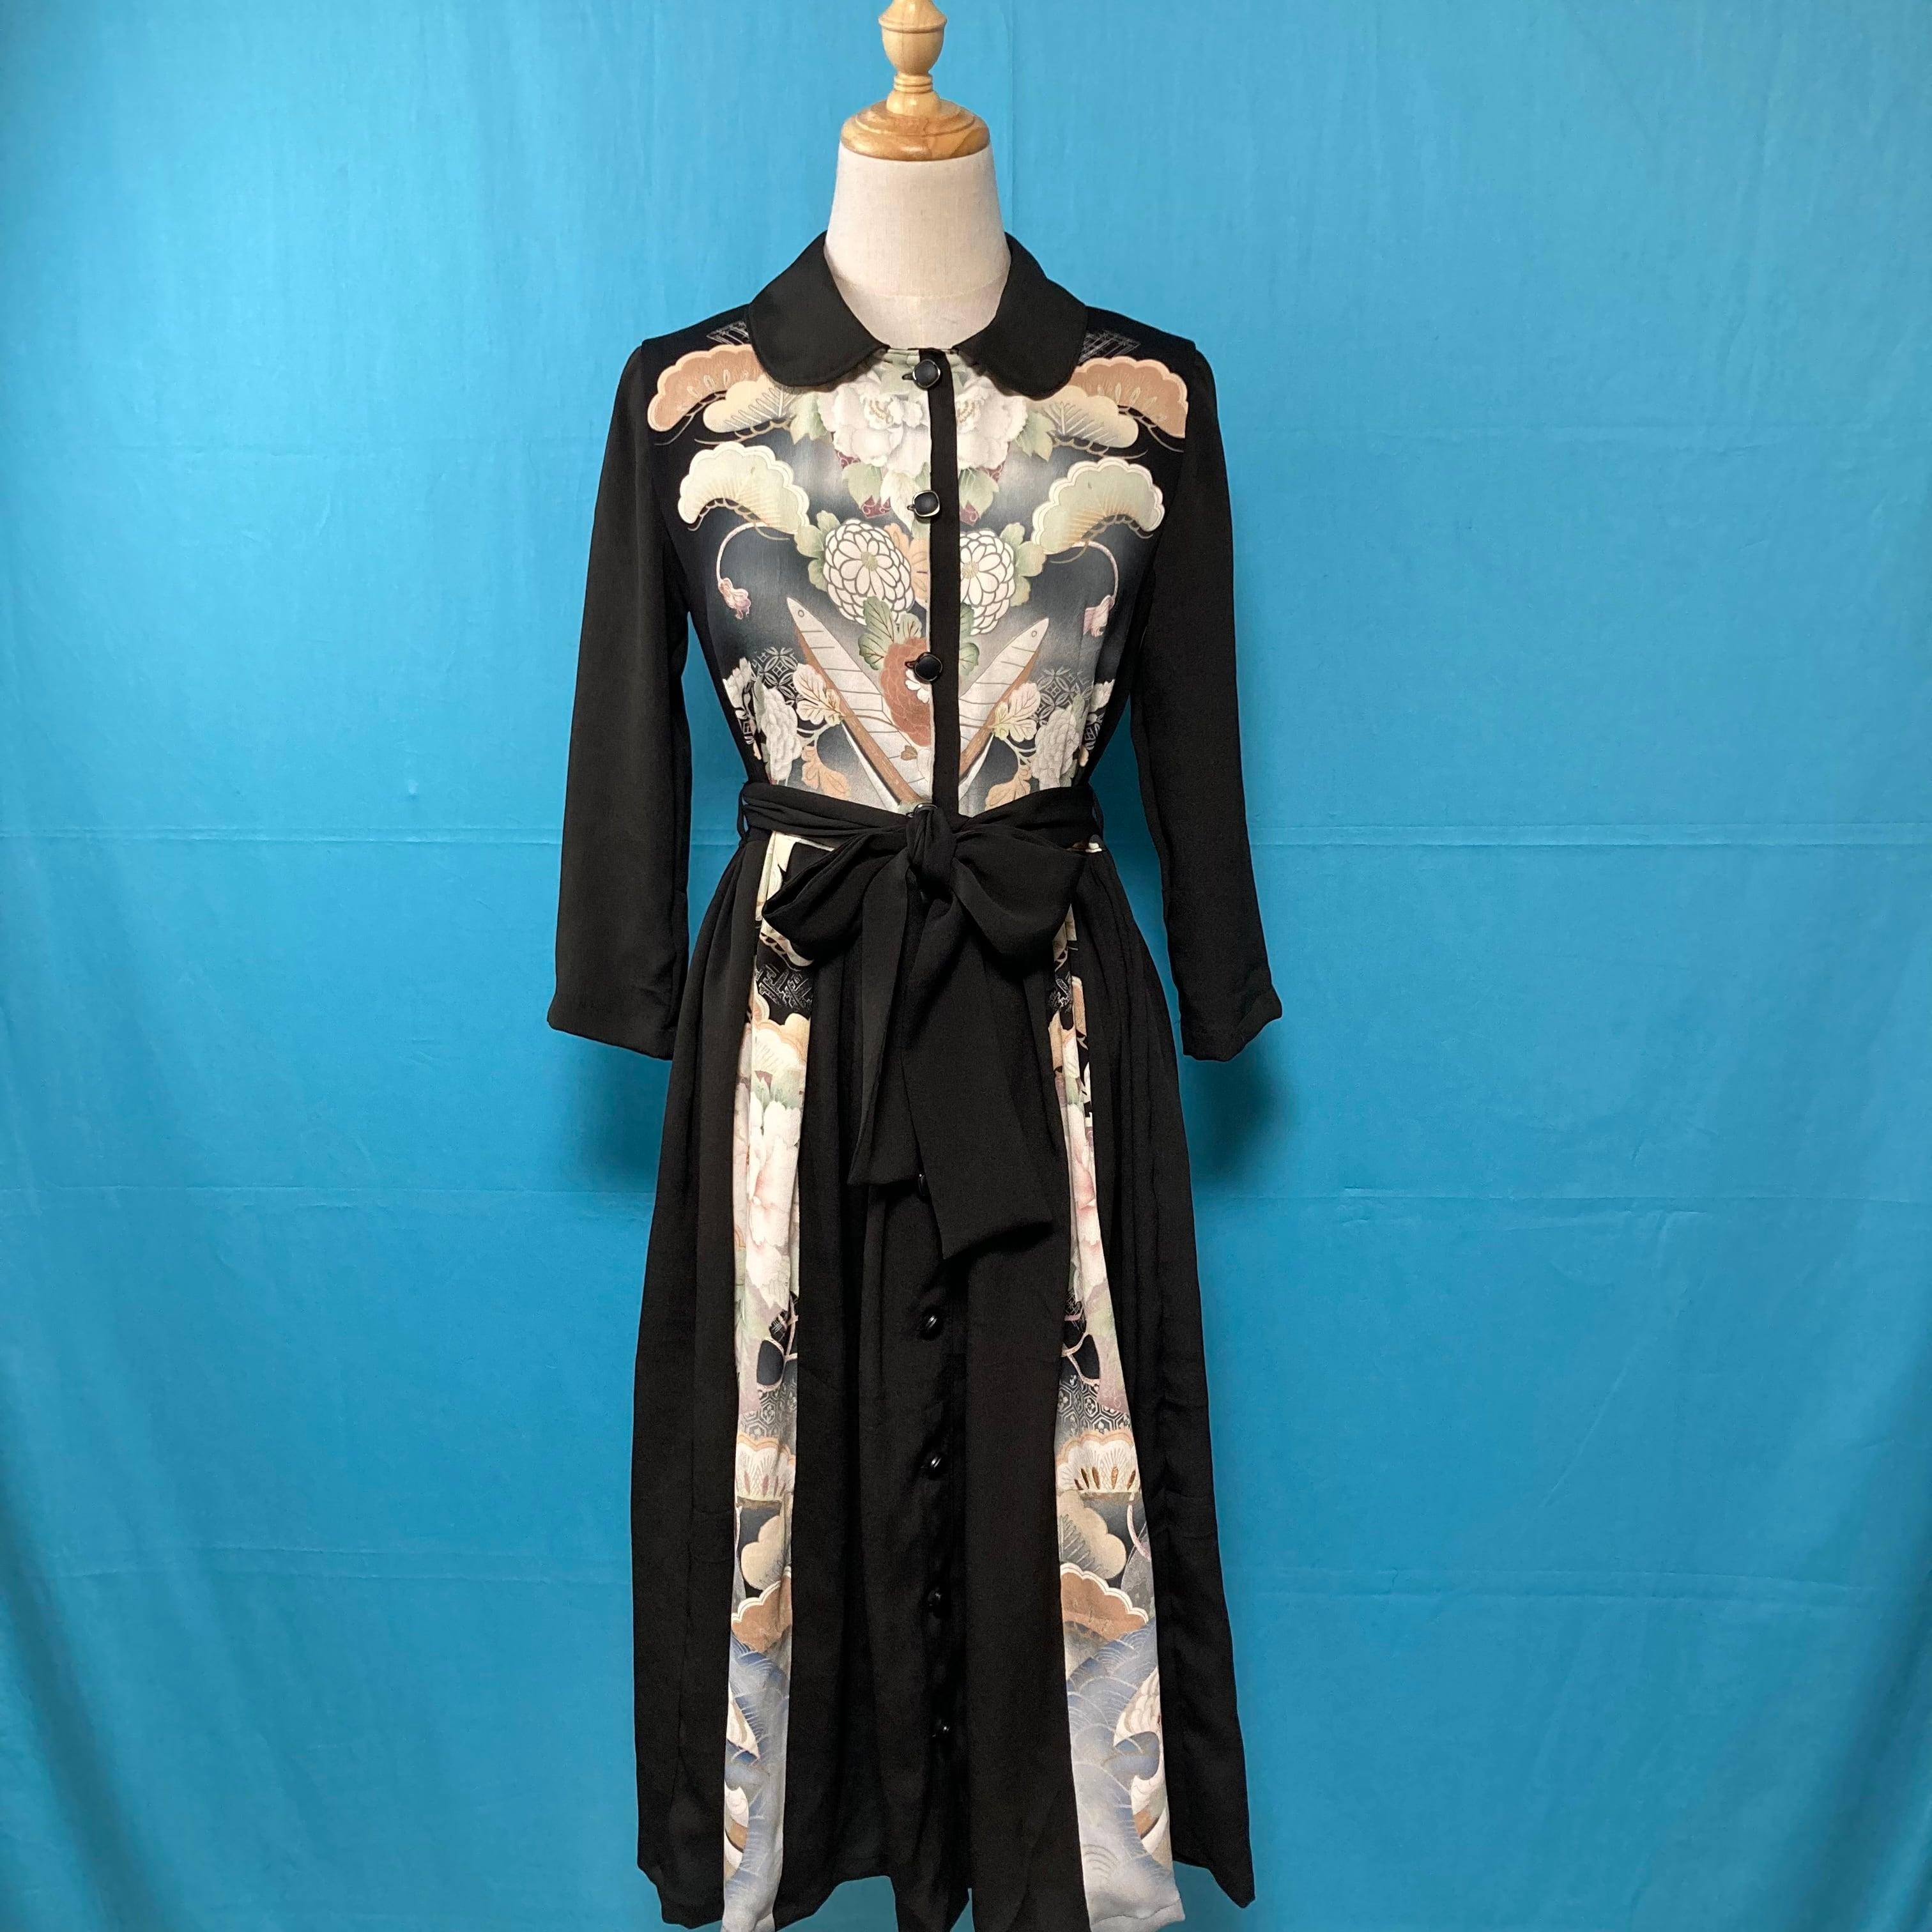 Vintage black kimono dress/ US 6 丸襟